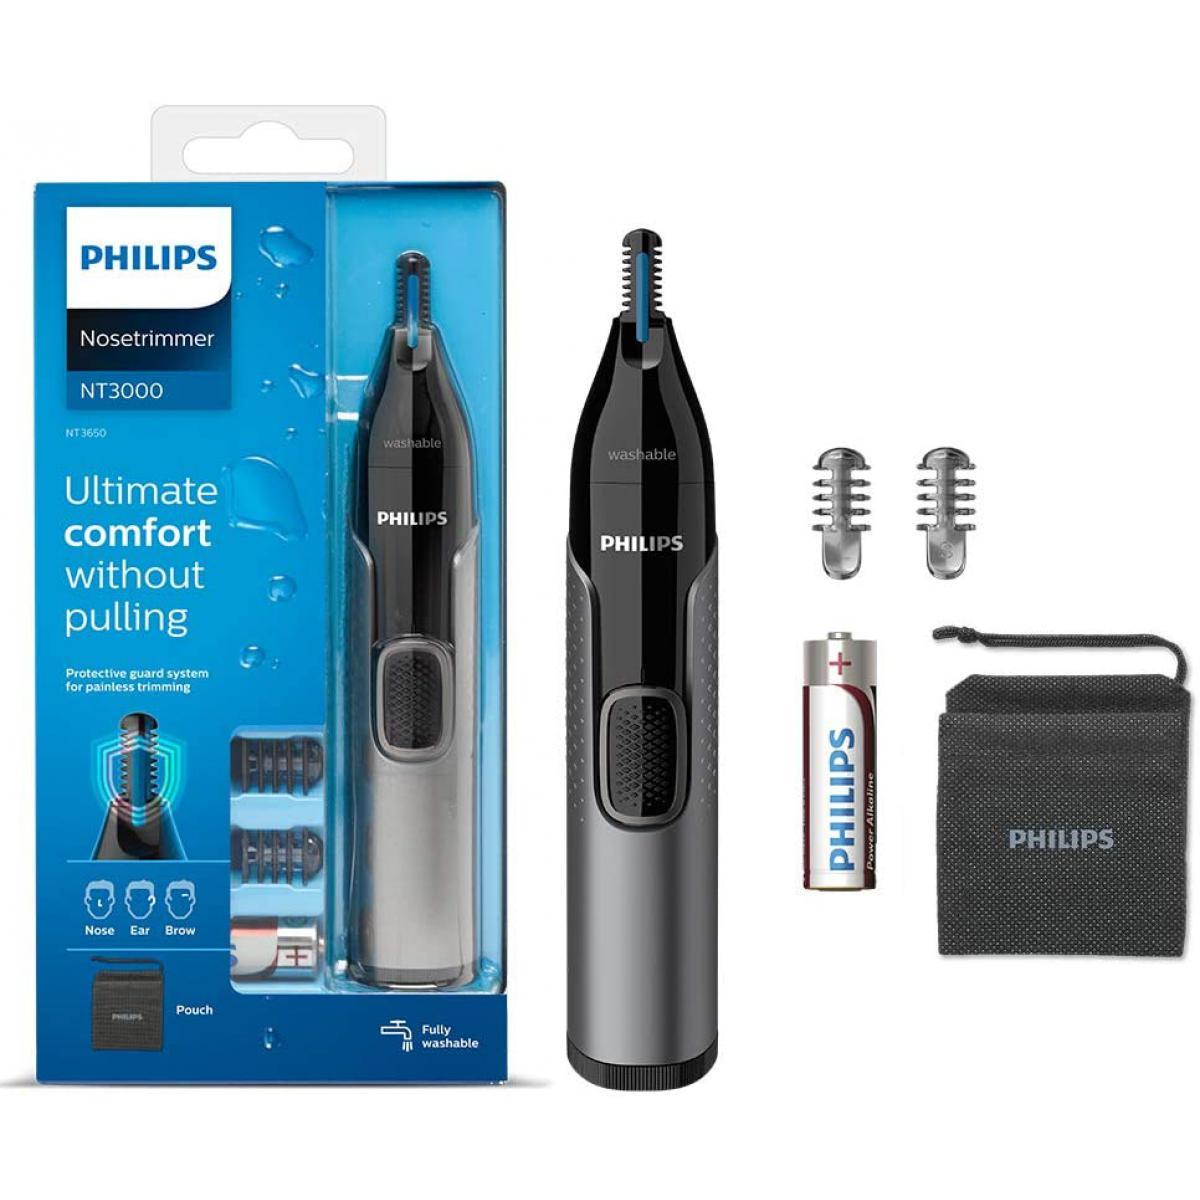 Philips tondeuse à nez gris noir